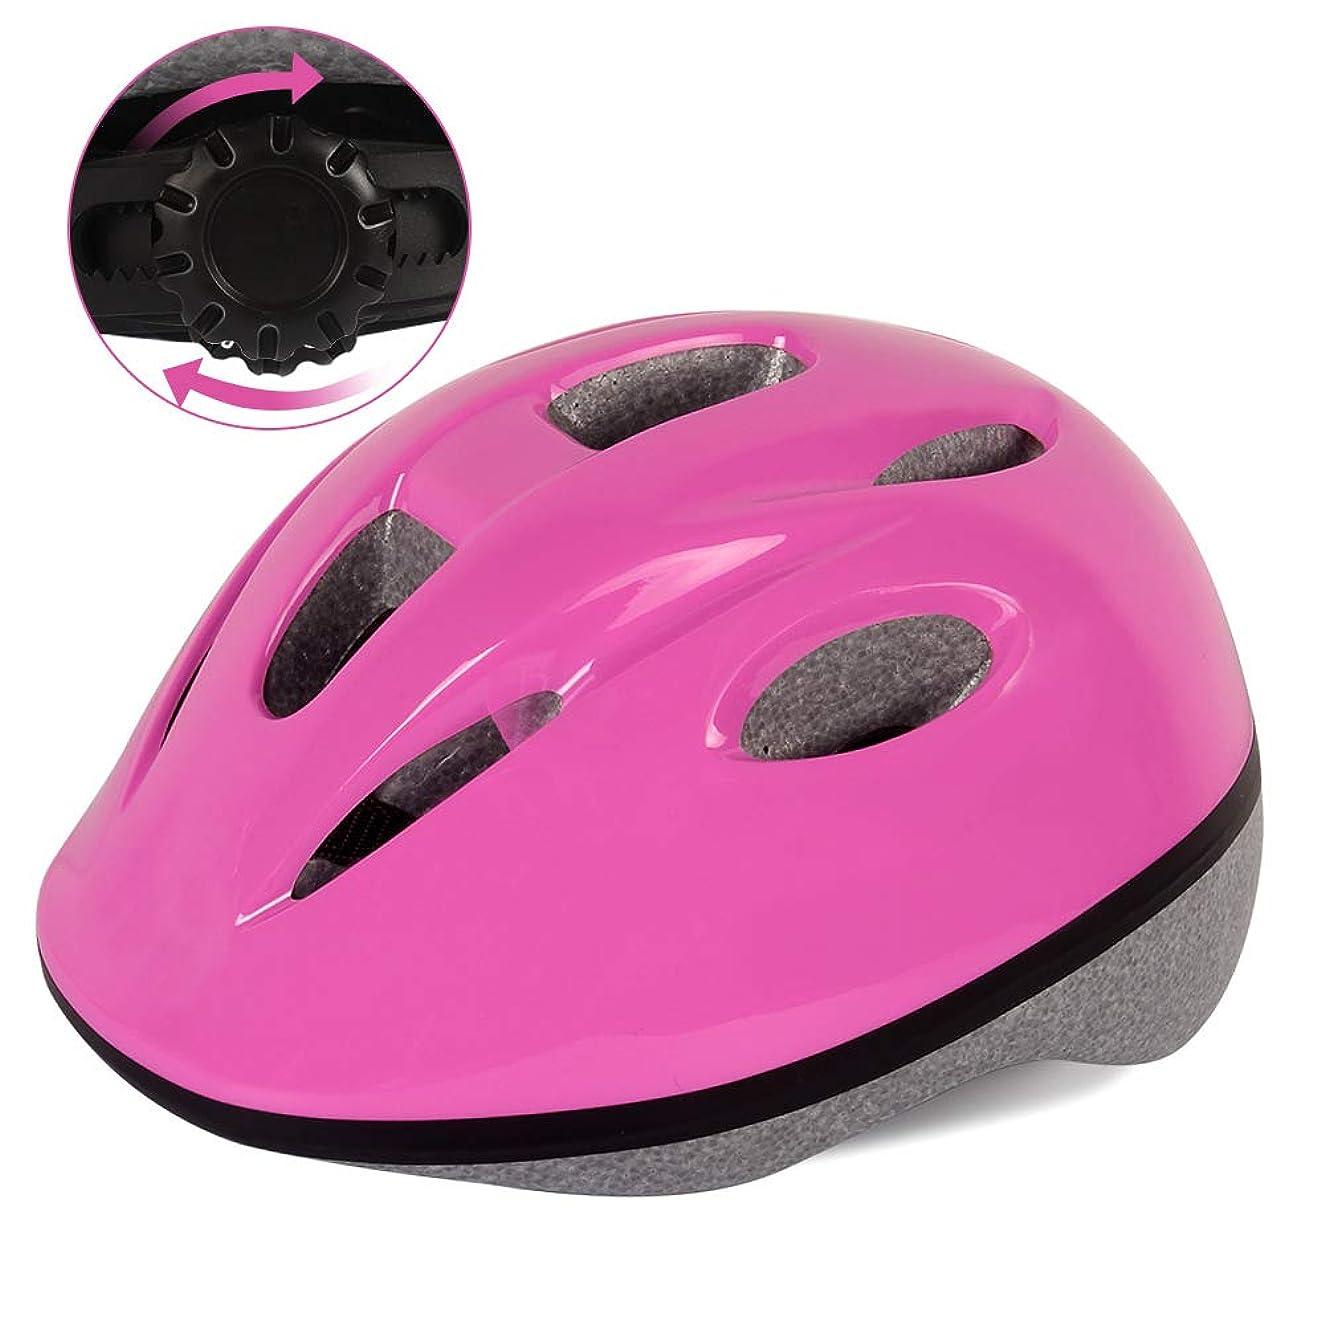 手当可能性ウィスキーGOOGO ヘルメット こども用 キッズ 幼児 軽量 通気性 調整可能 通学 自転車 サイクリング スキー バイク スケートボード 保護用ヘルメット